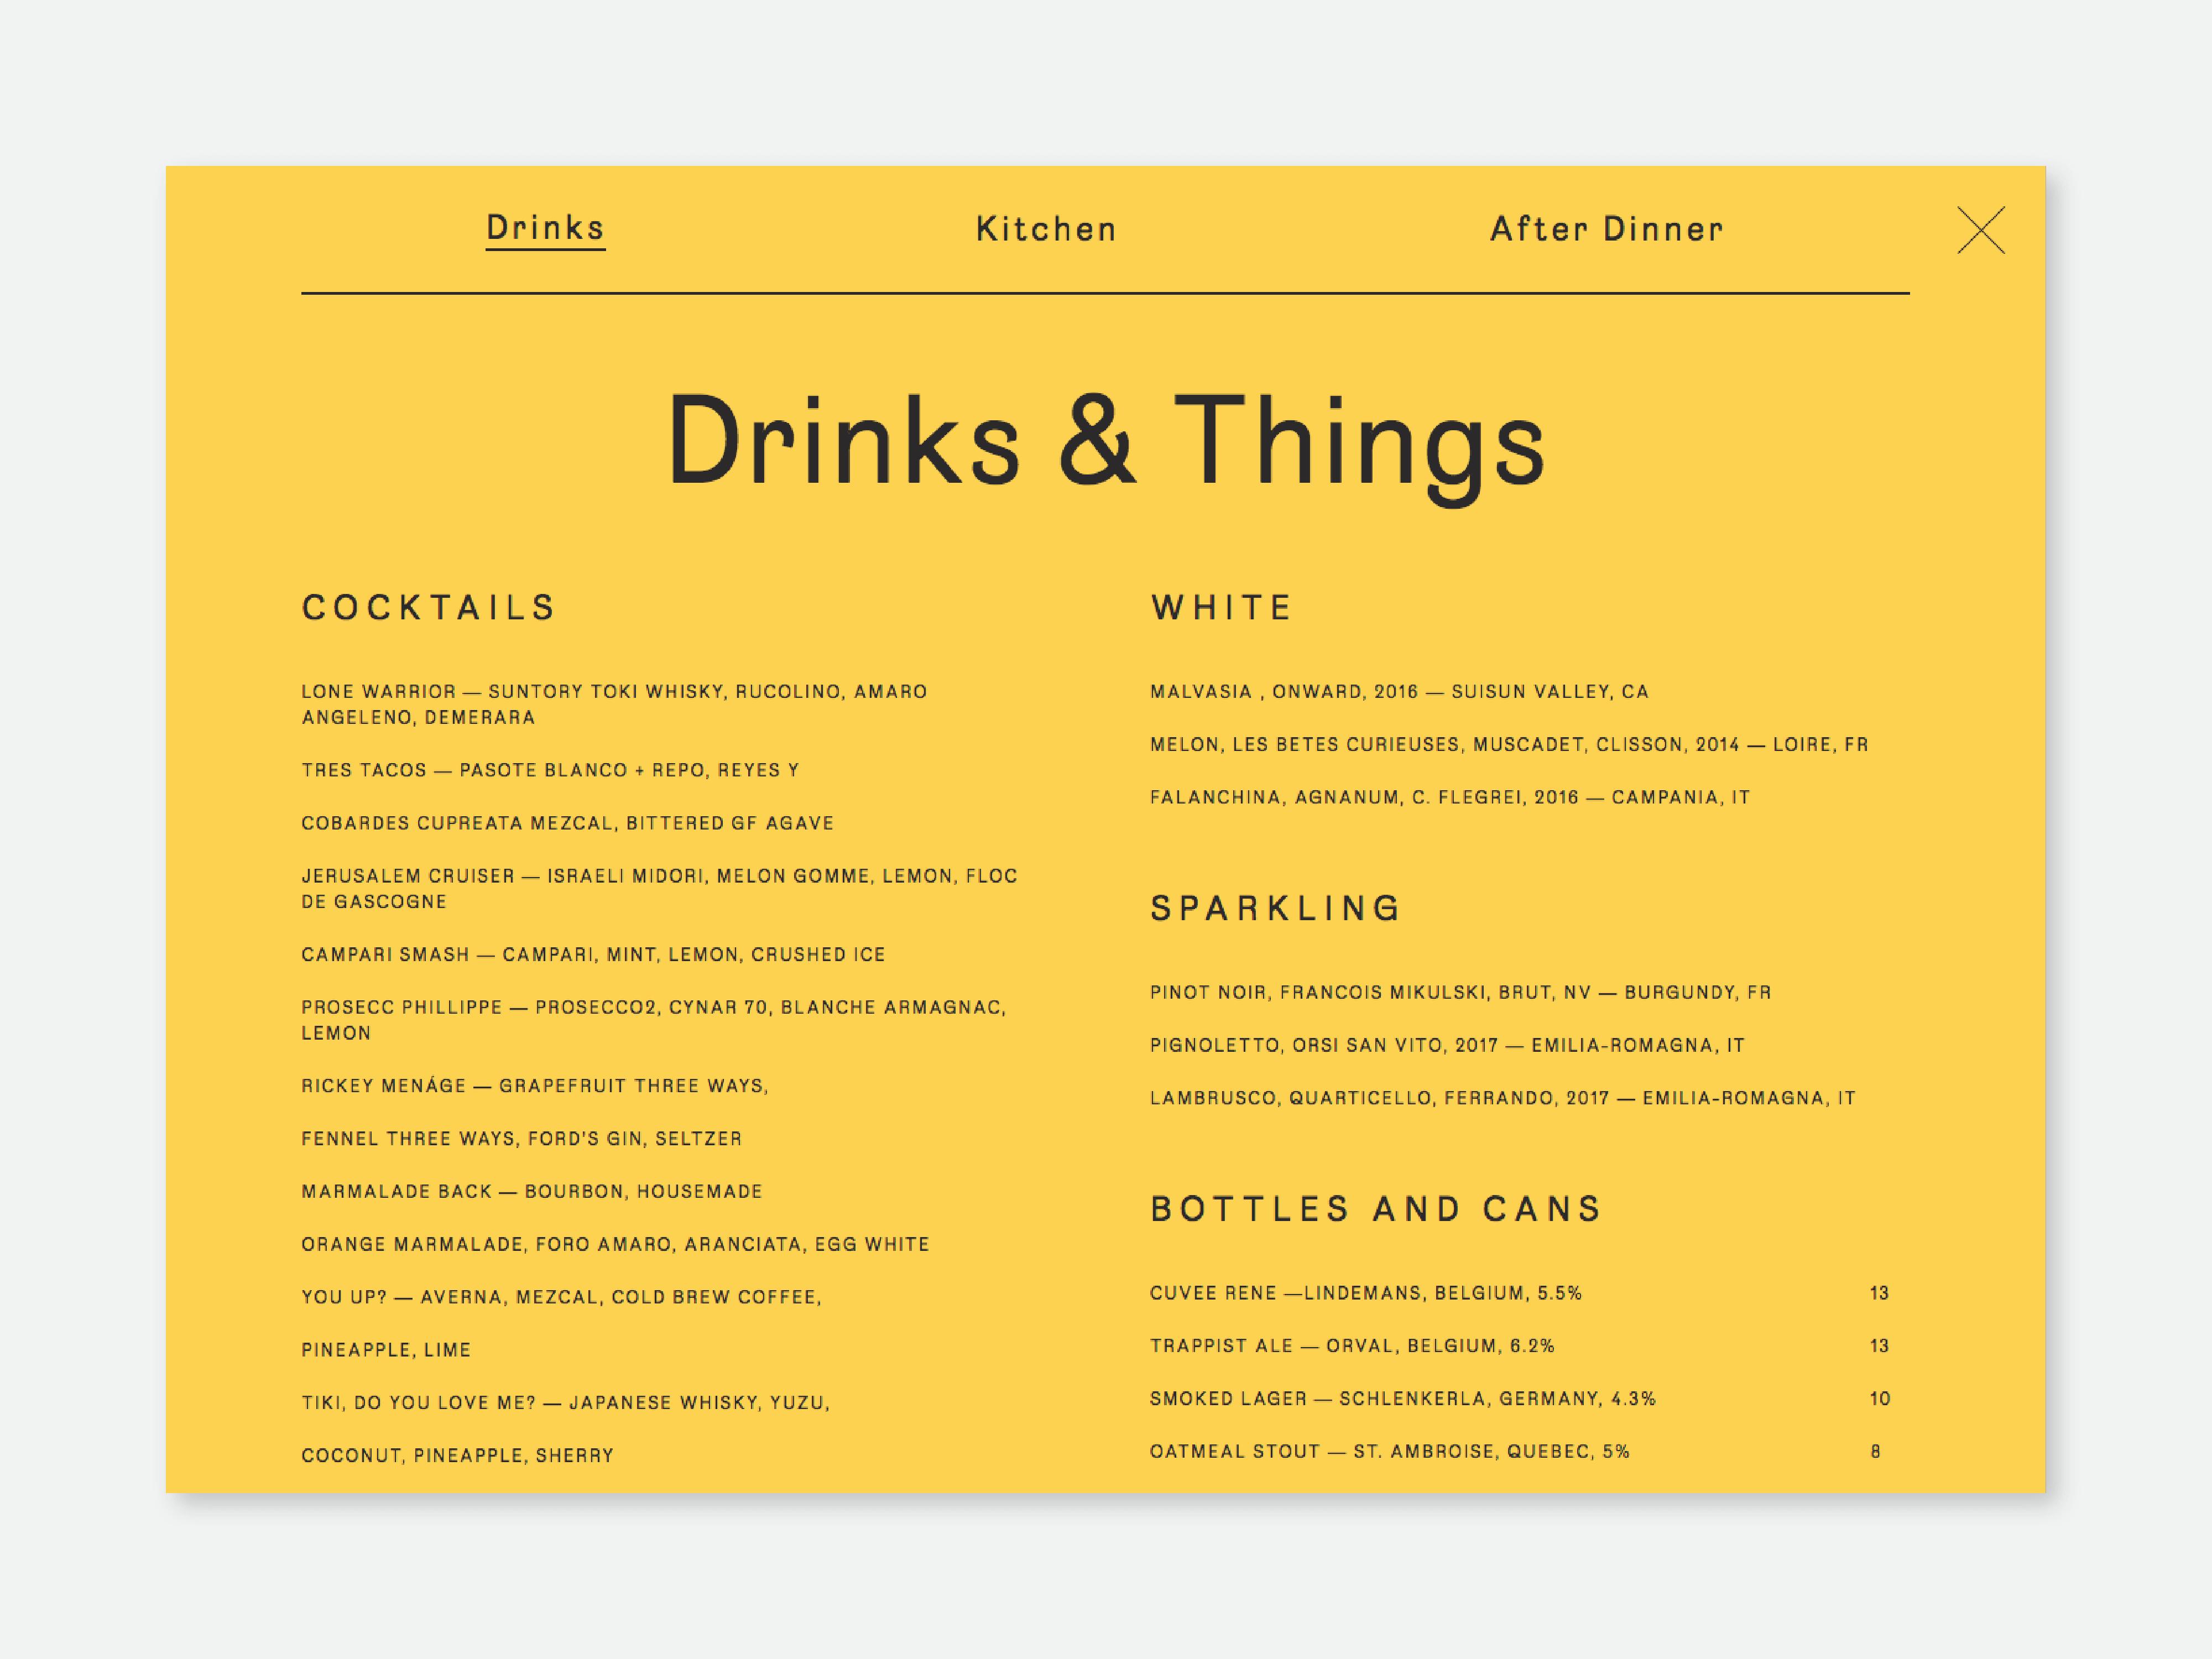 Drinks menu page